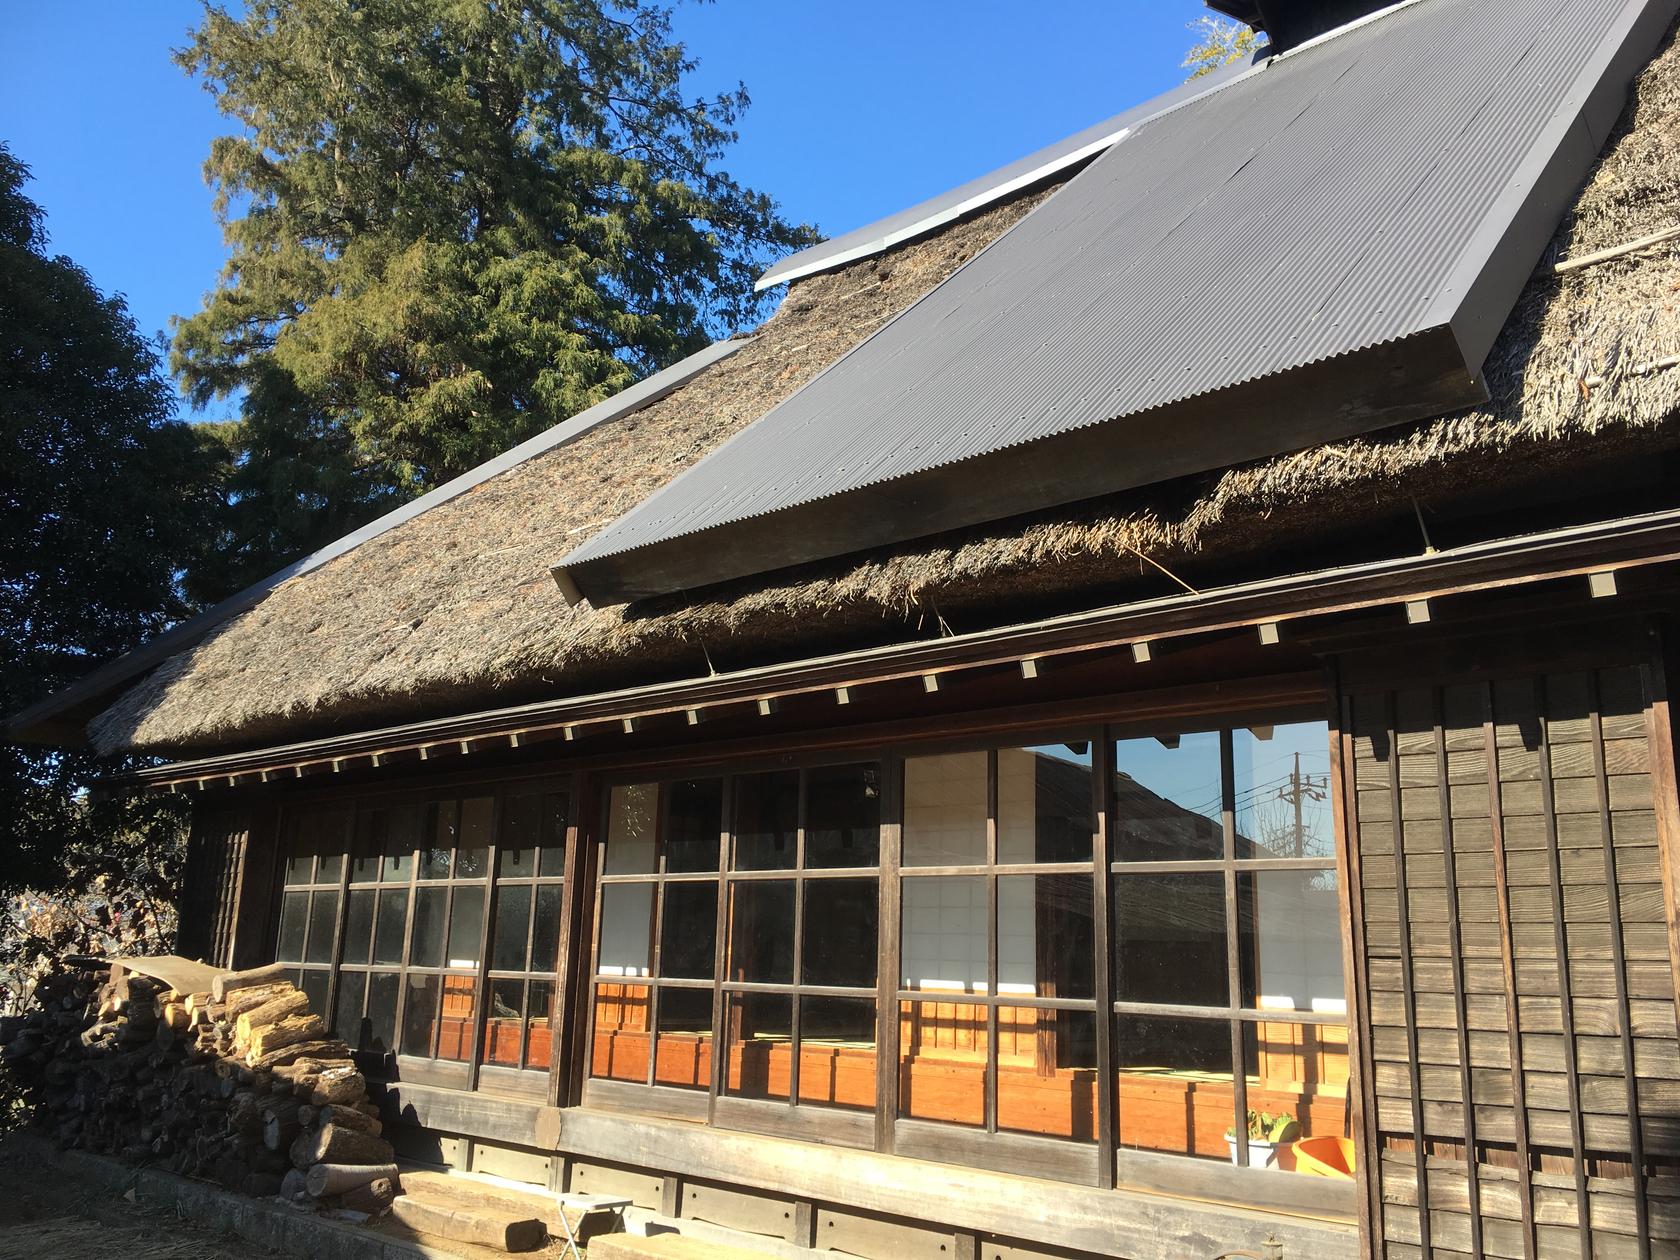 春の喜悦へ【東京 町田】都内に残された貴重な茅葺古民家。新年会、写真撮影会、鍋会、誕生日会、オフ会等に是非!